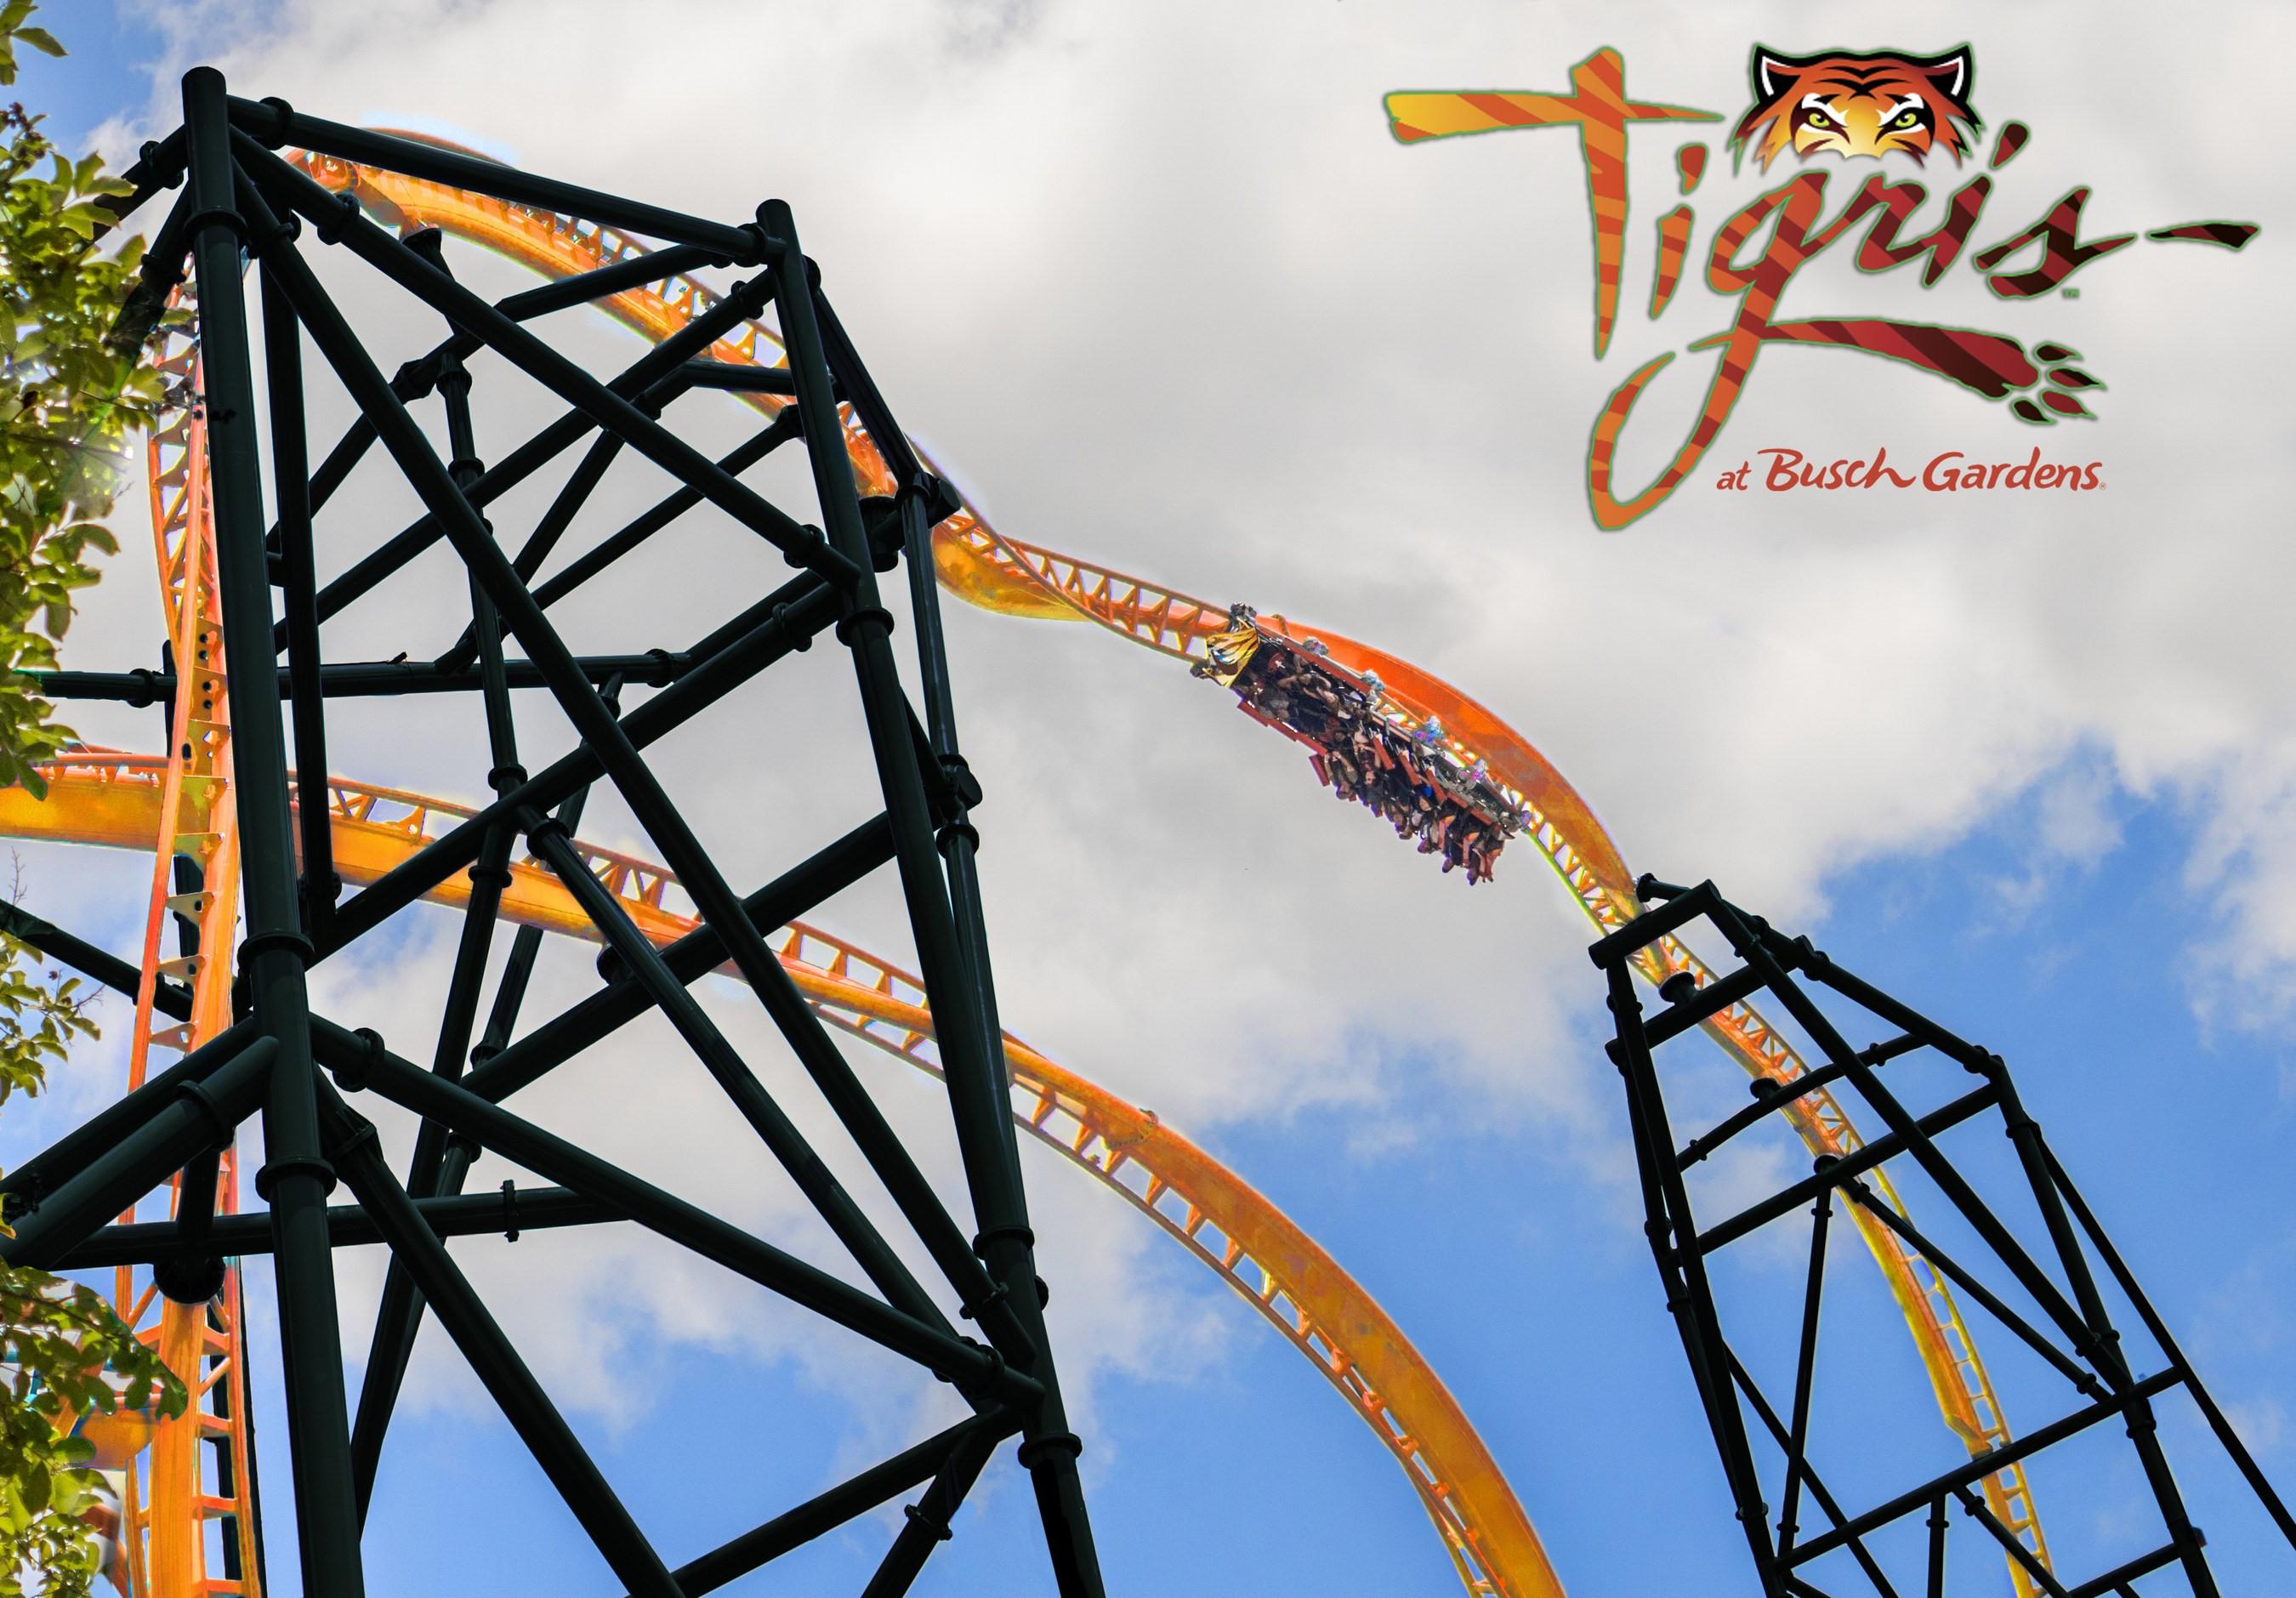 Busch Gardens Tampa To Open Tigris In 2019 Florida S Tallest Launch Coaster Orlando Parkstop